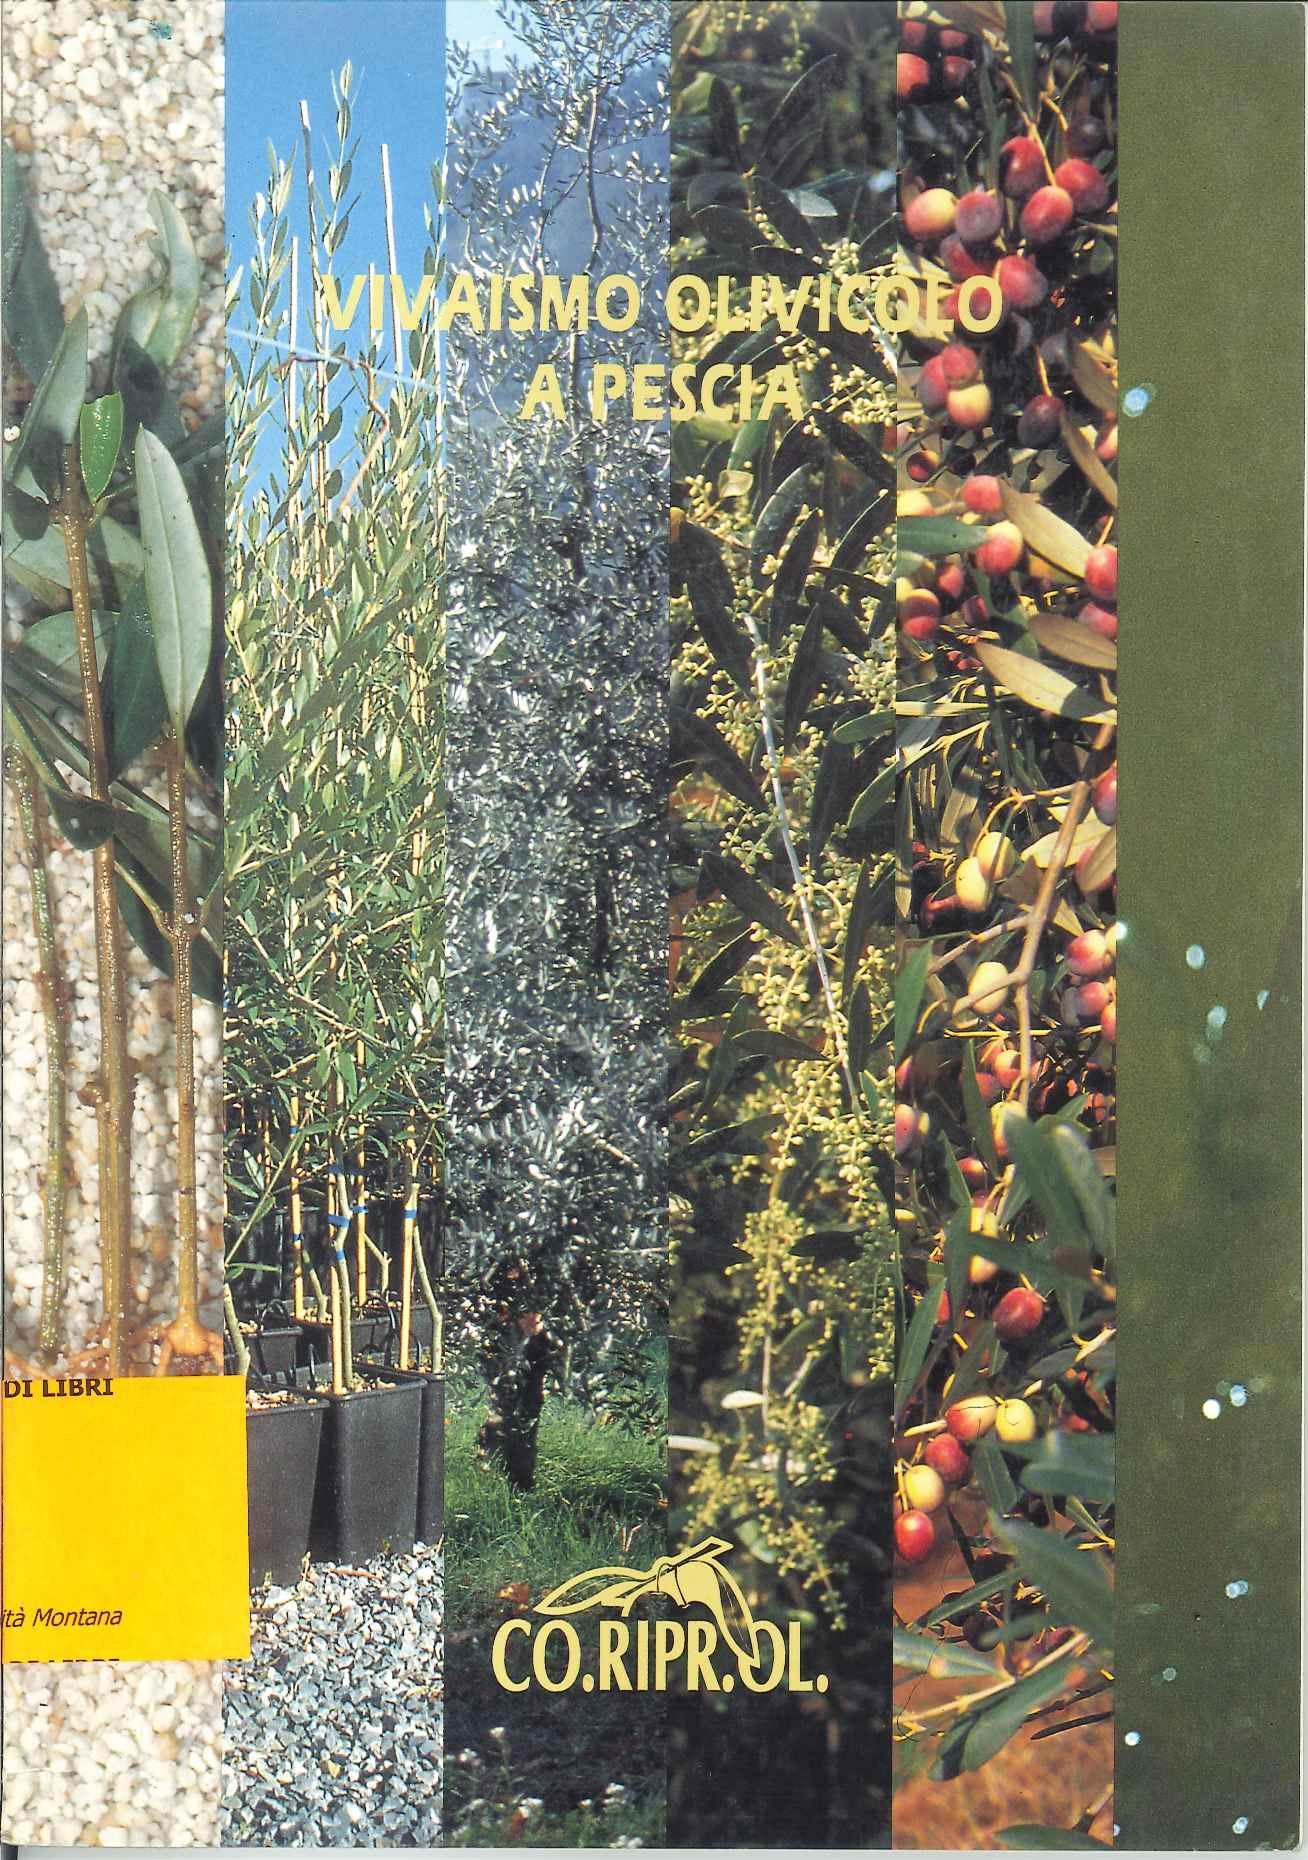 La produzione e le tendenze del vivaismo olivicolo pesciatino